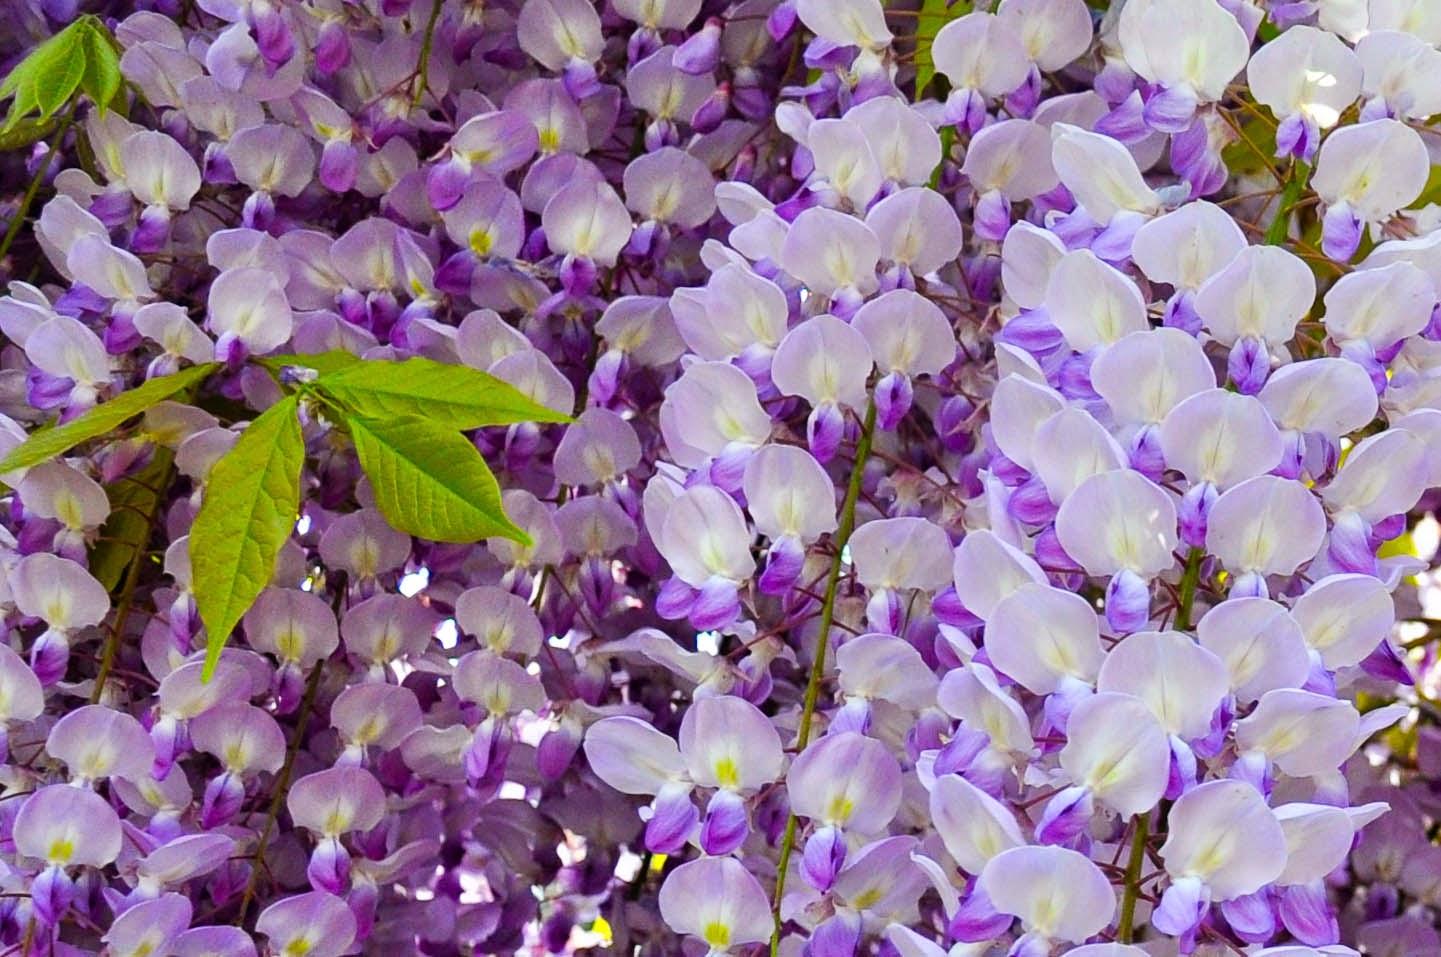 Flowering wisteria, Wisteria in bloom